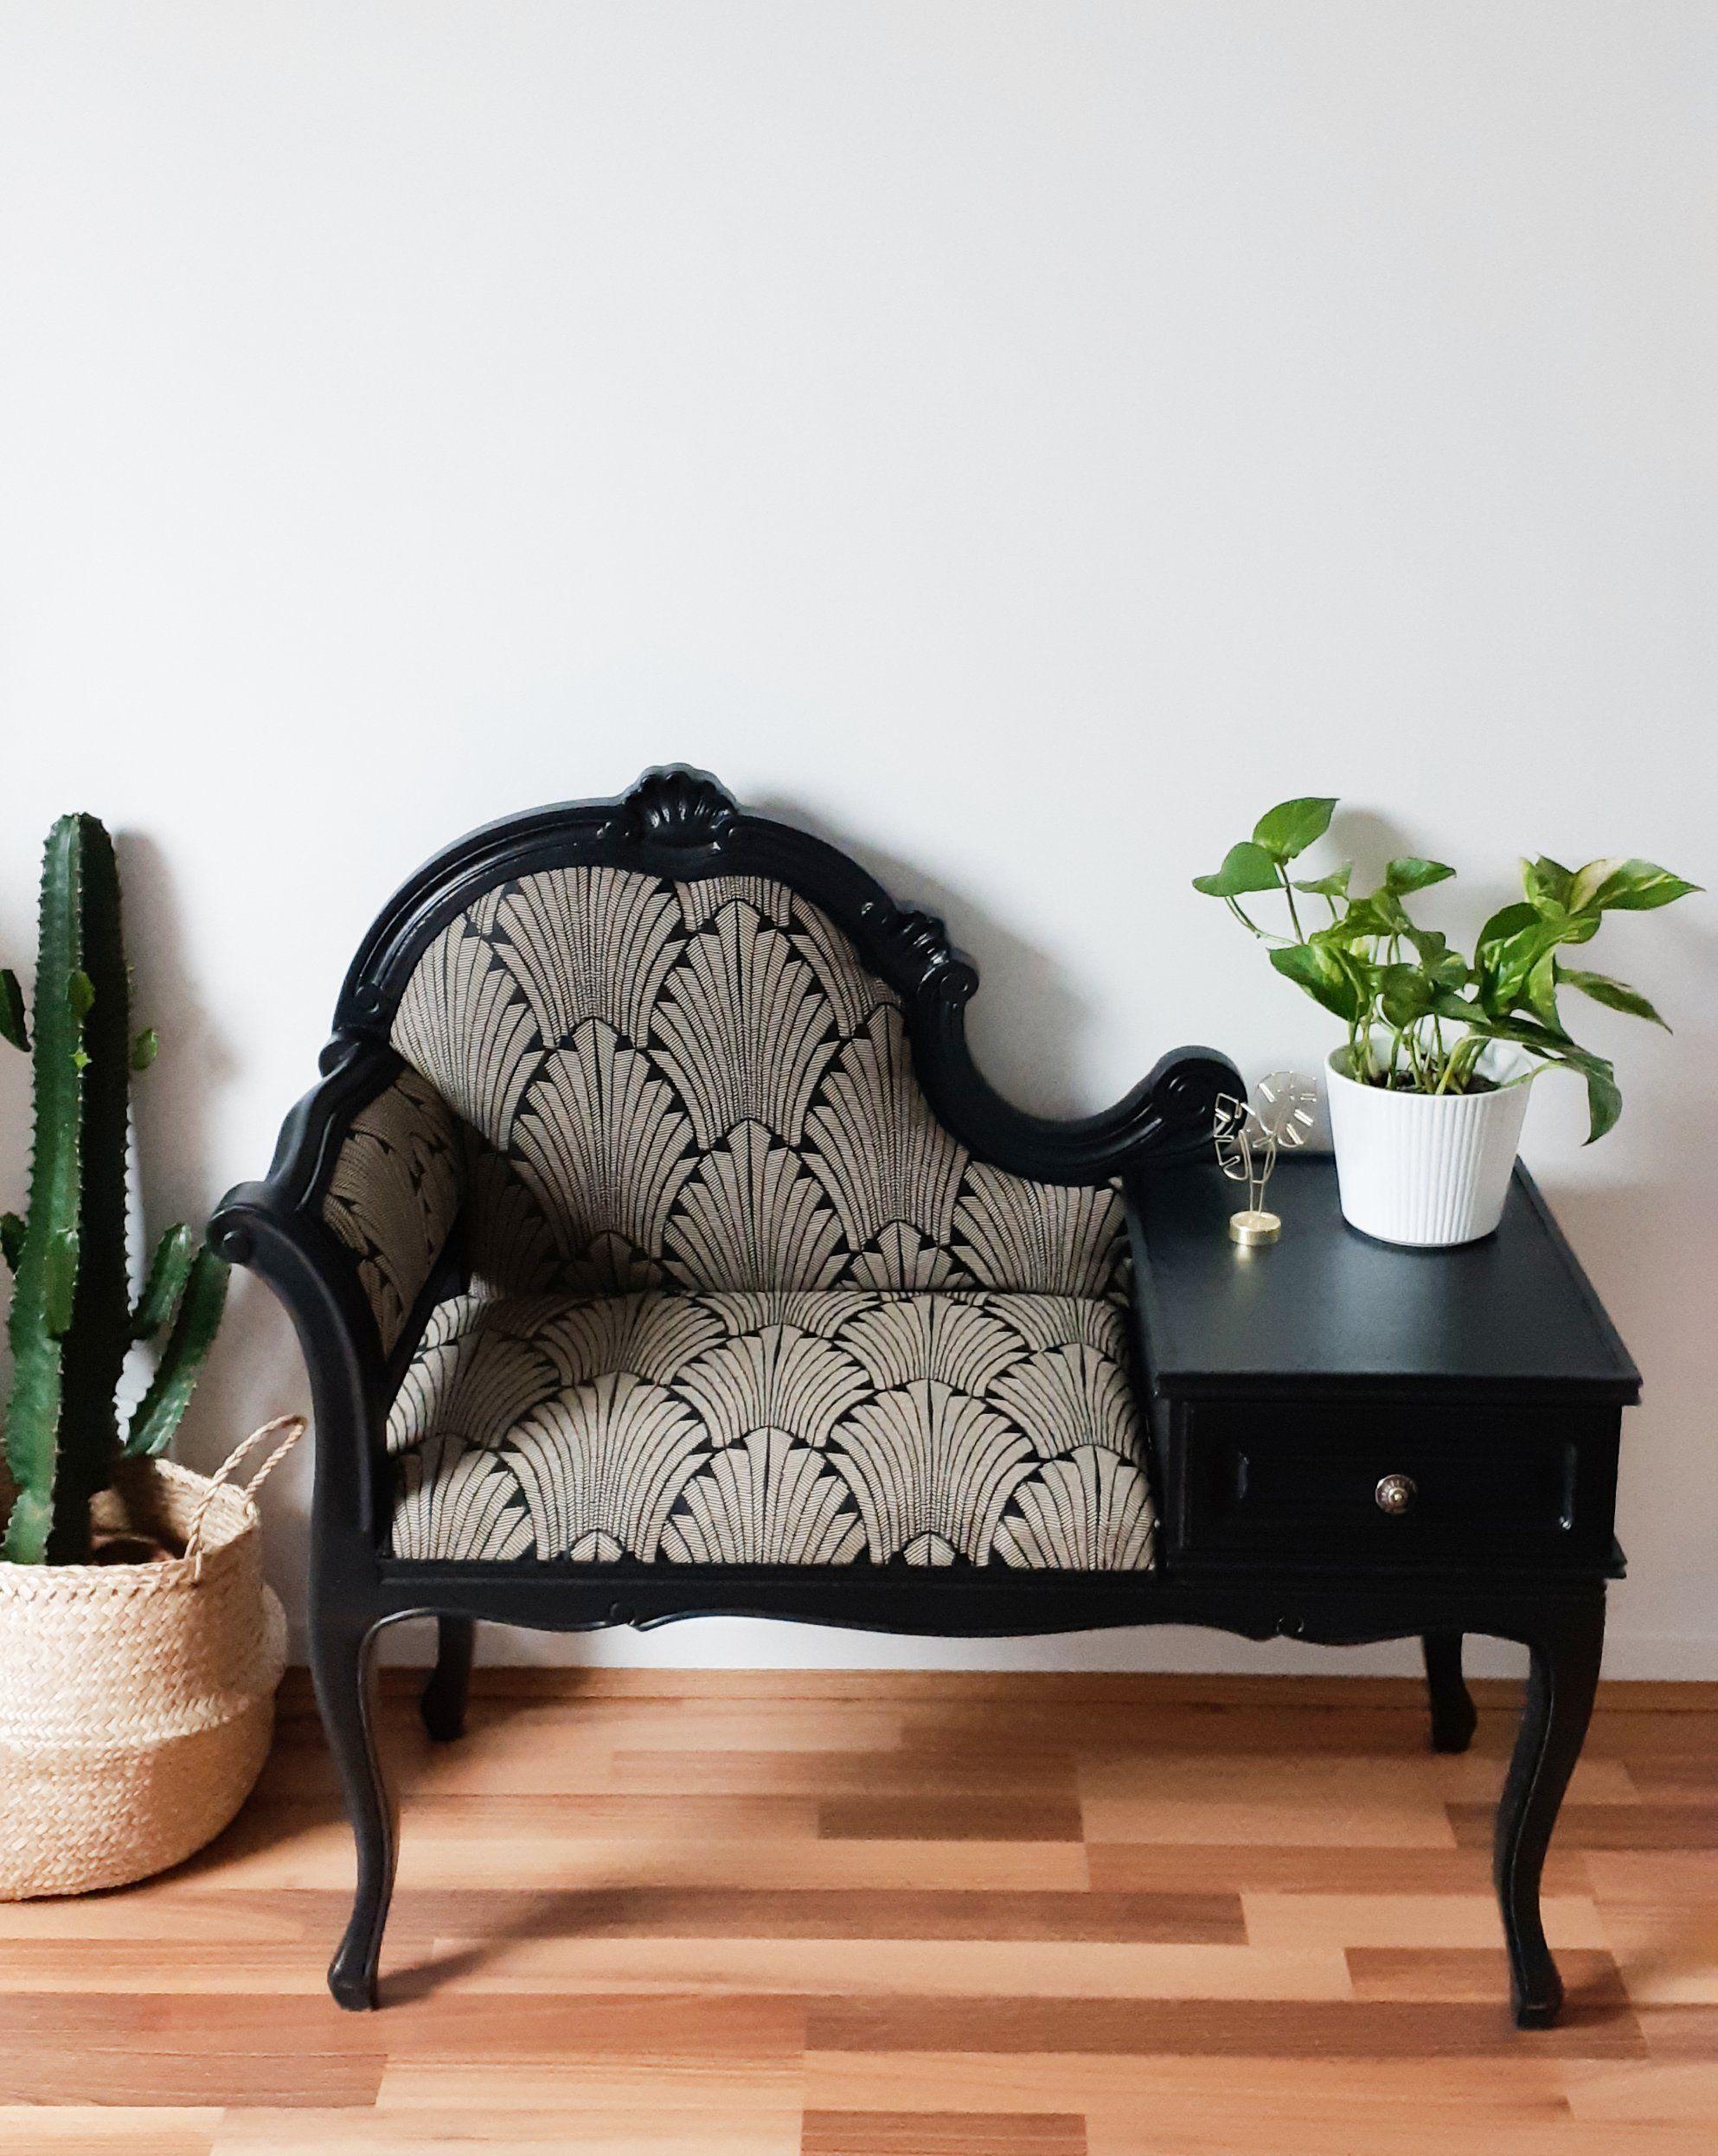 Banquette Fauteuil Telephone Relooke Annees 50 Siege Vintage De La Boutique Atelierdelachoisille Sur Etsy Reupholster Furniture Home Decor Fabric Furniture